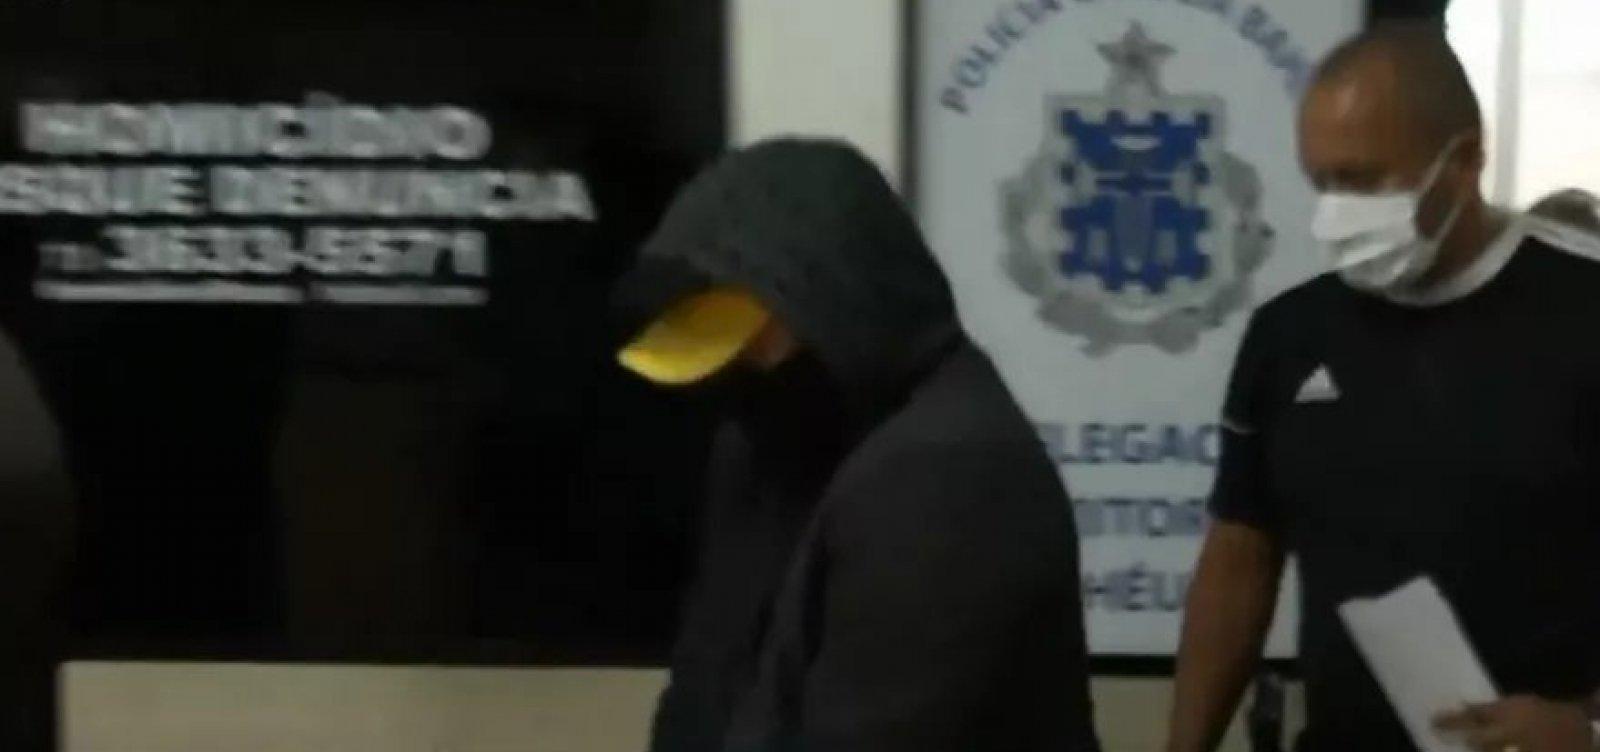 [Ilhéus: homem flagrado em vídeo agredindo mulher com vários socos é levado para presídio]